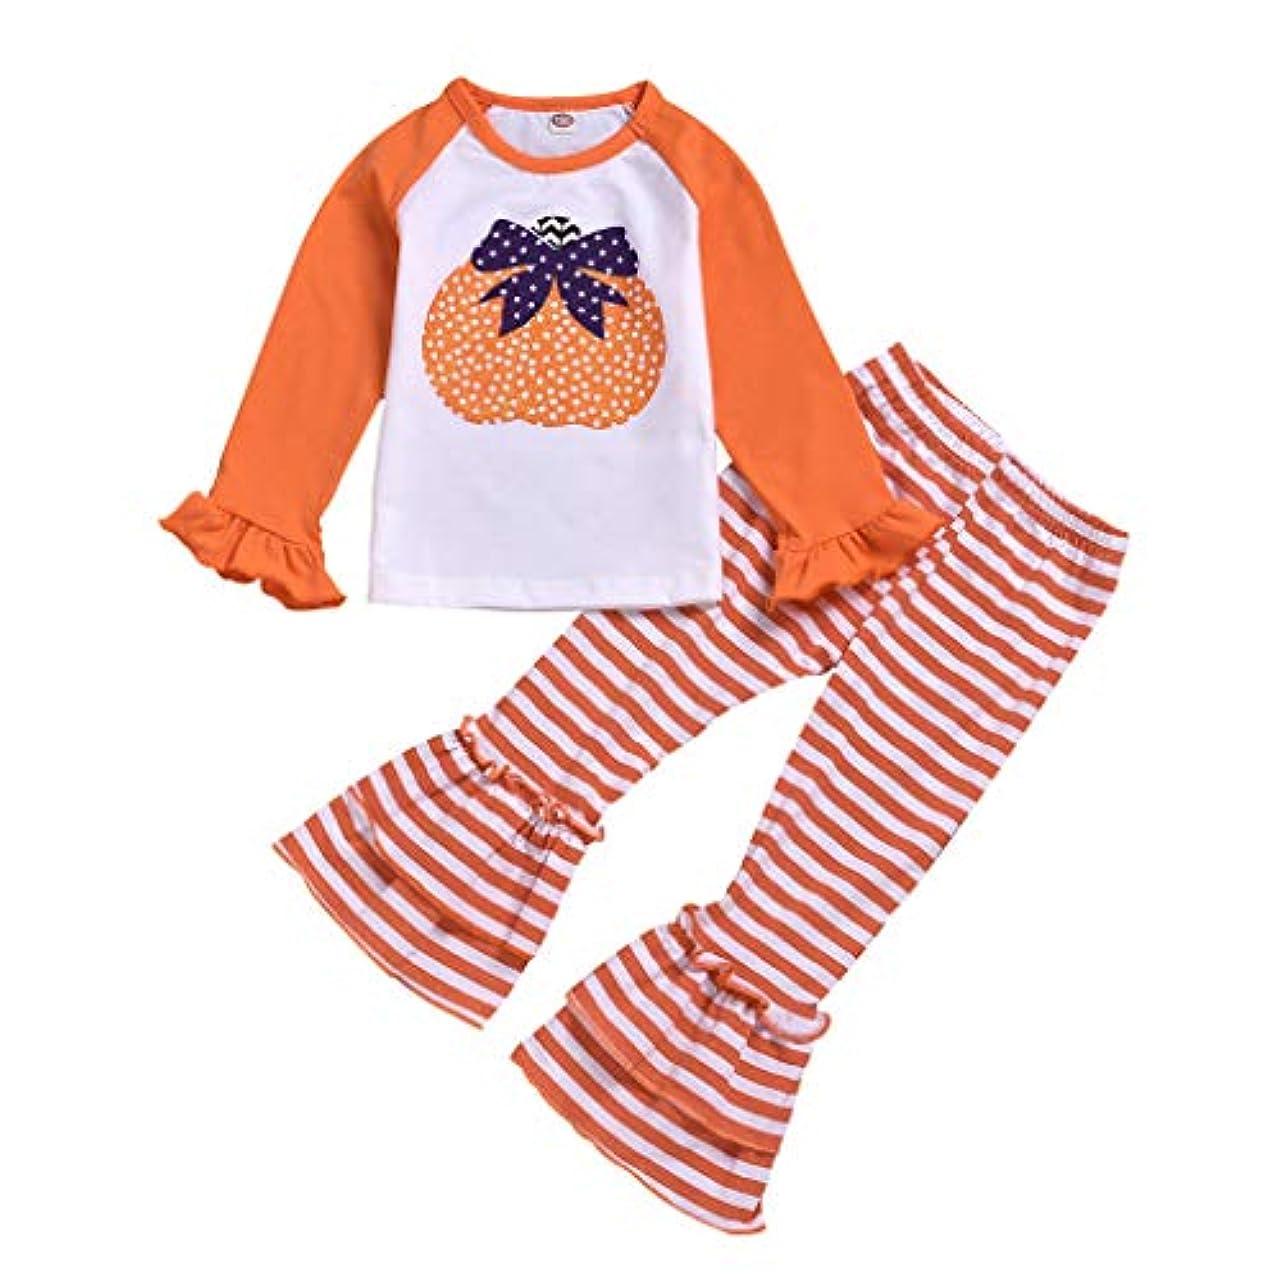 セーブバレーボールセーブリラックス シンプル キッズ ベビー 赤ちゃん 男女の子兼用 ボーイズ ガール 長袖 ハロウィン かぼちゃ 男の子 女の子 軽い かっこいい スタイル パンツ フワフワ もこもこ リラックス シンプル キッズ ベビー 赤ちゃん 男女の子兼用 (オレンジ, 80(6-12ヶ月))